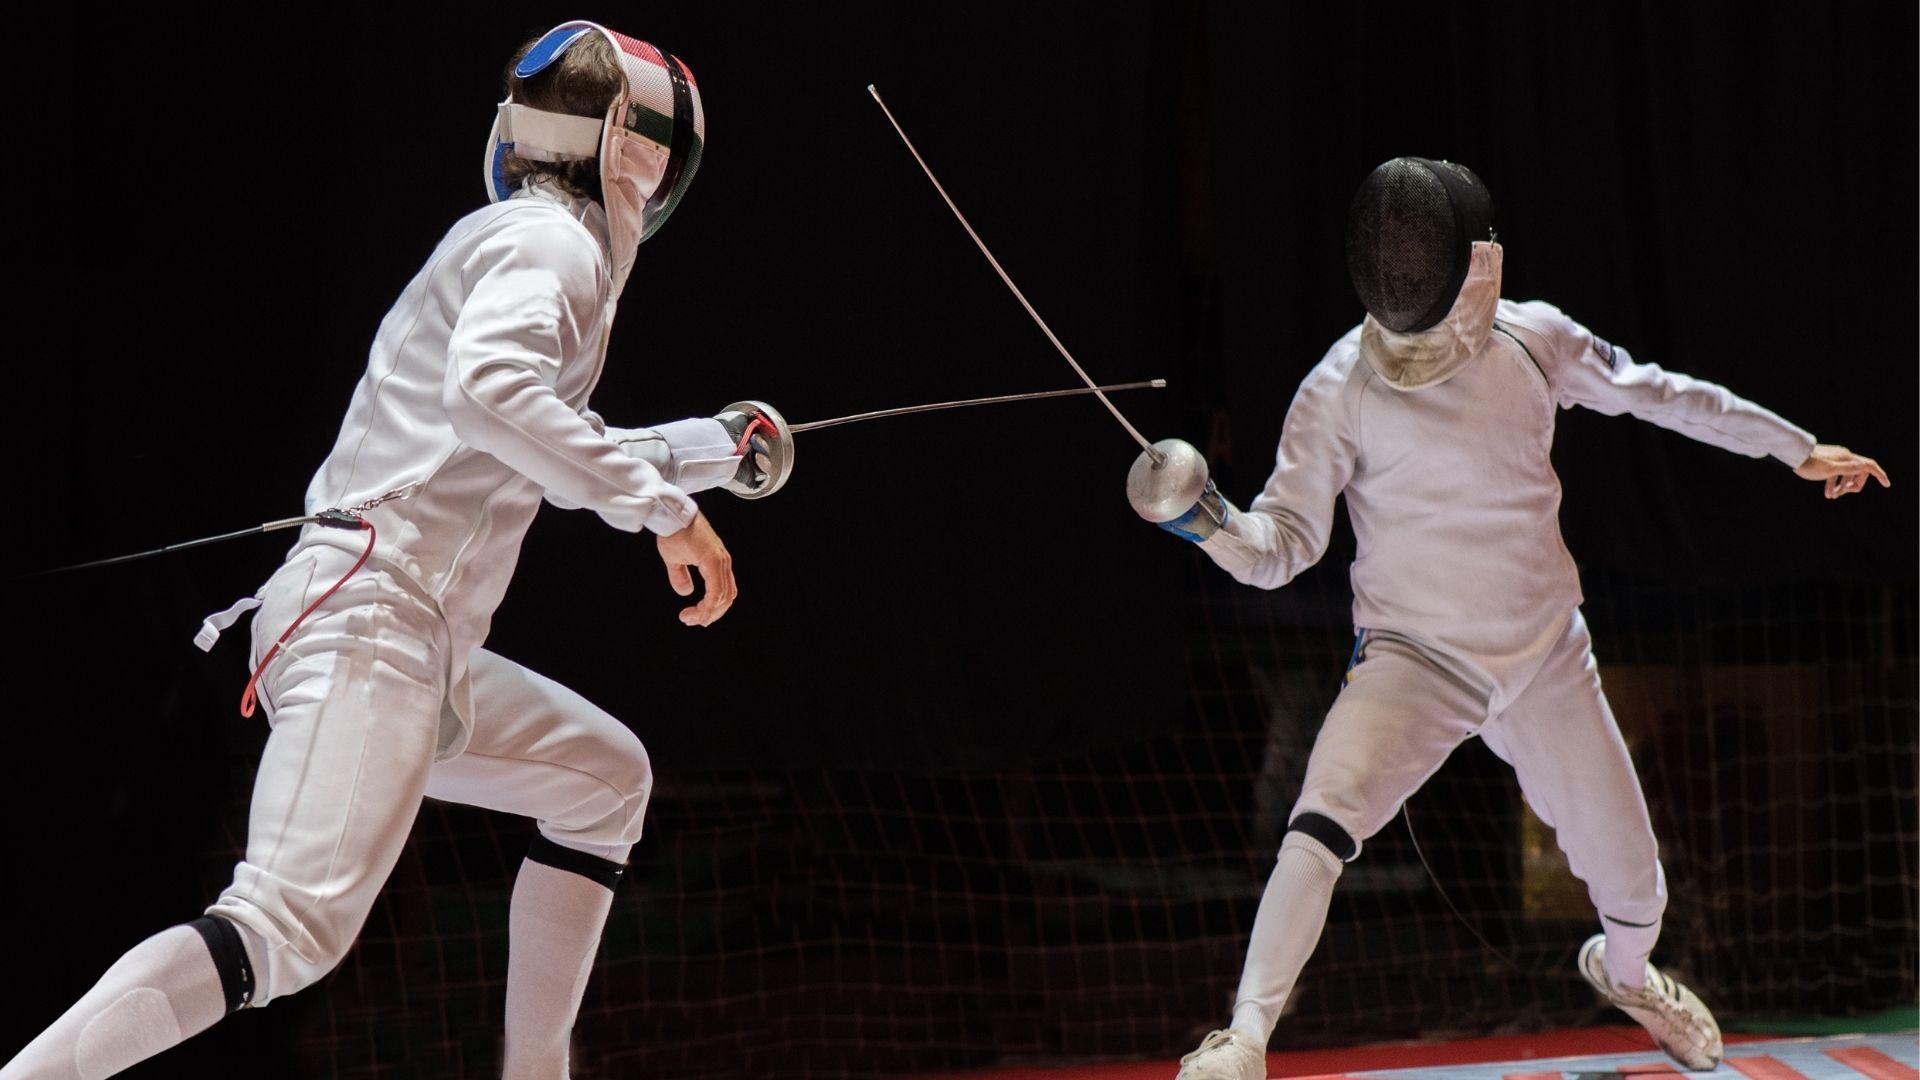 Esgrima é muito tradicional entre os esportes olímpicos (Shutterstock)